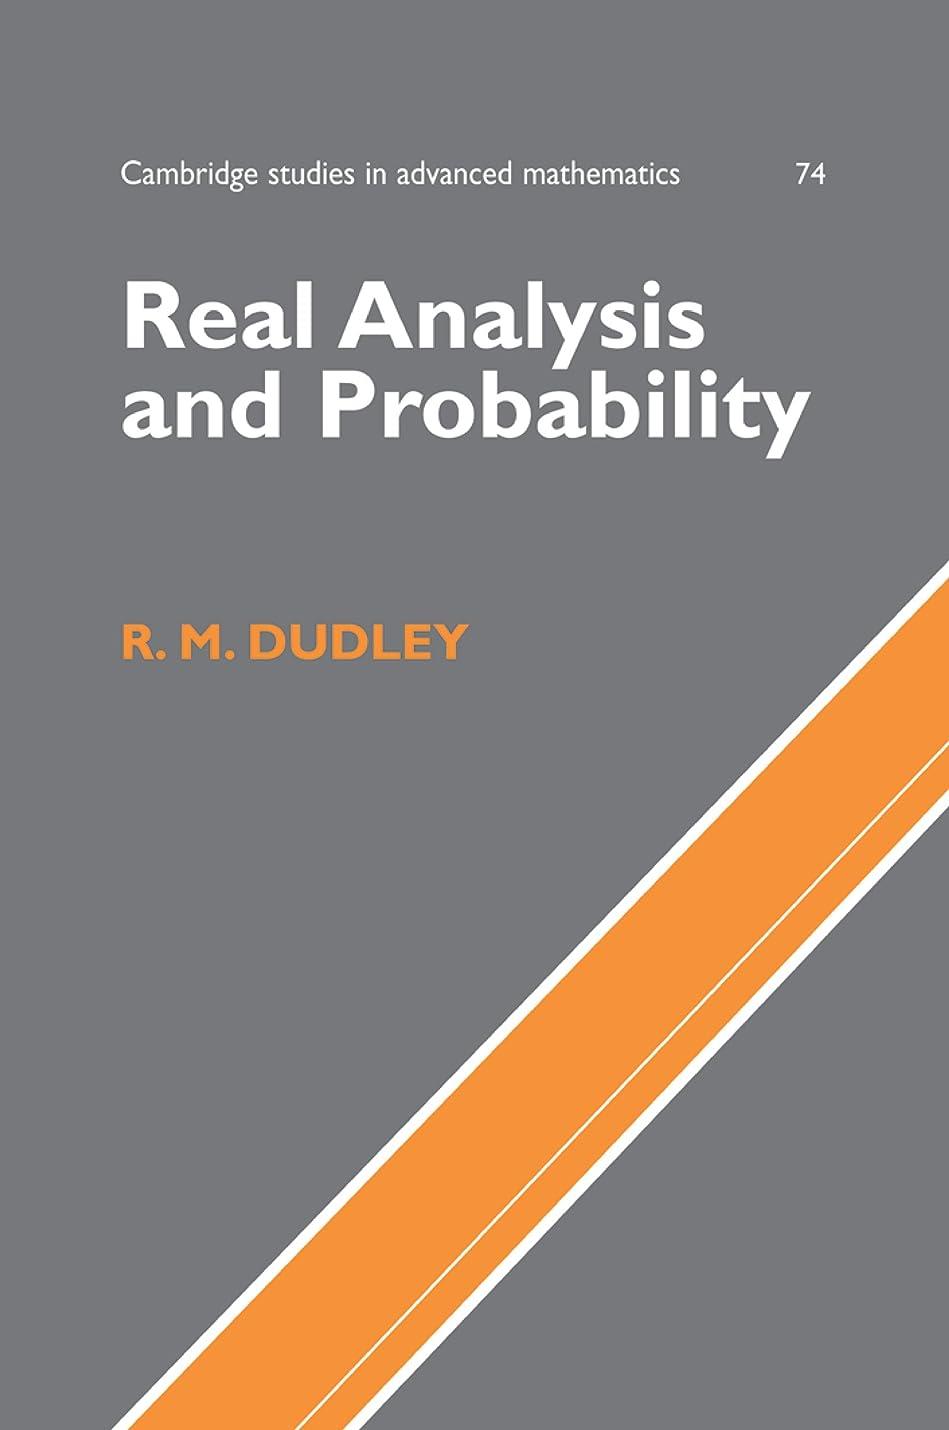 運動するオフセット通常Real Analysis and Probability (Cambridge Studies in Advanced Mathematics Book 74) (English Edition)